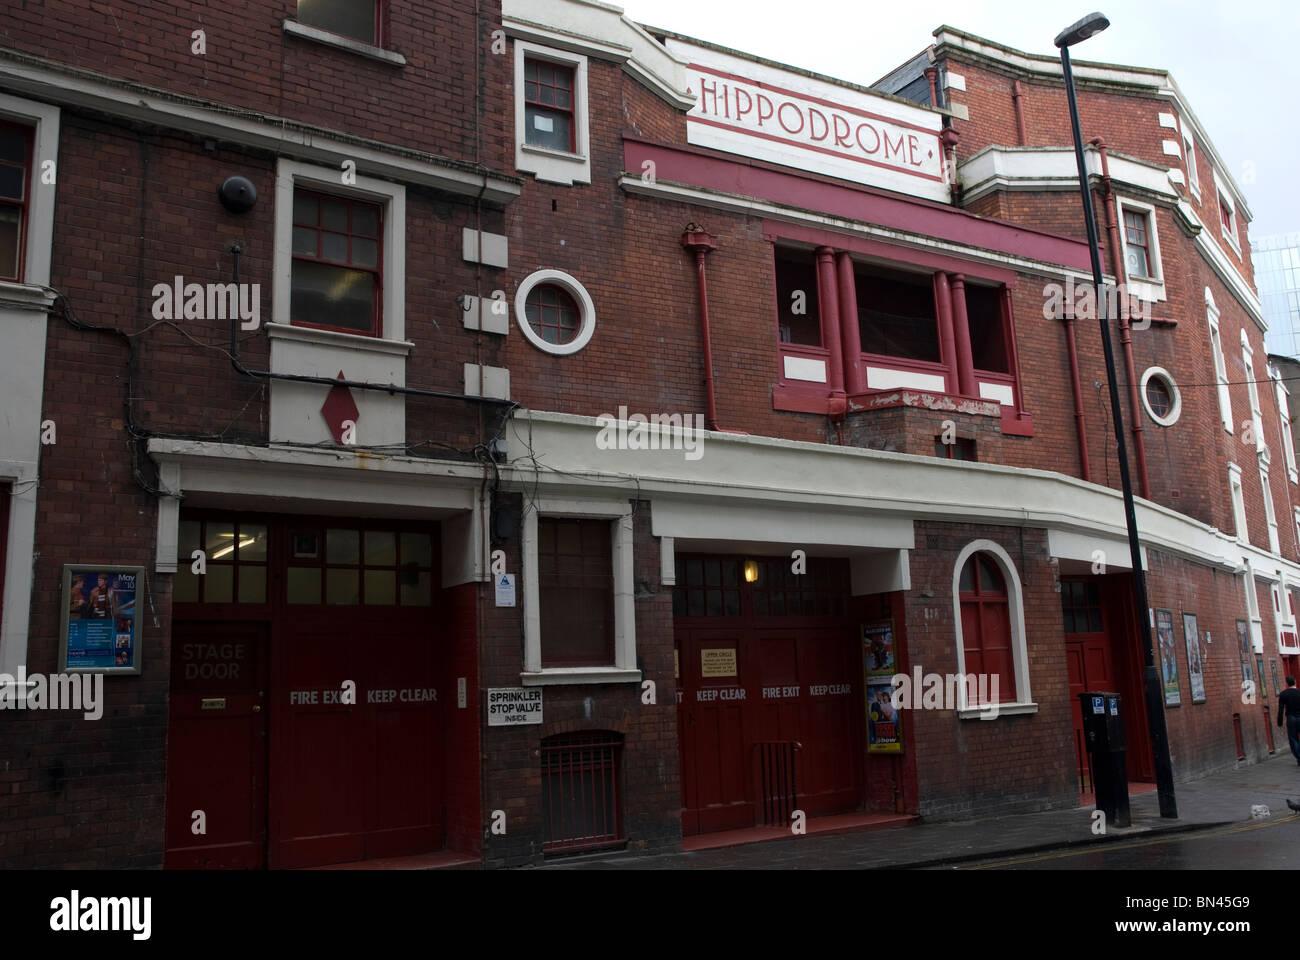 Hippodrome Theatre Bristol England Uk Stockfoto Bild 30210329 Alamy